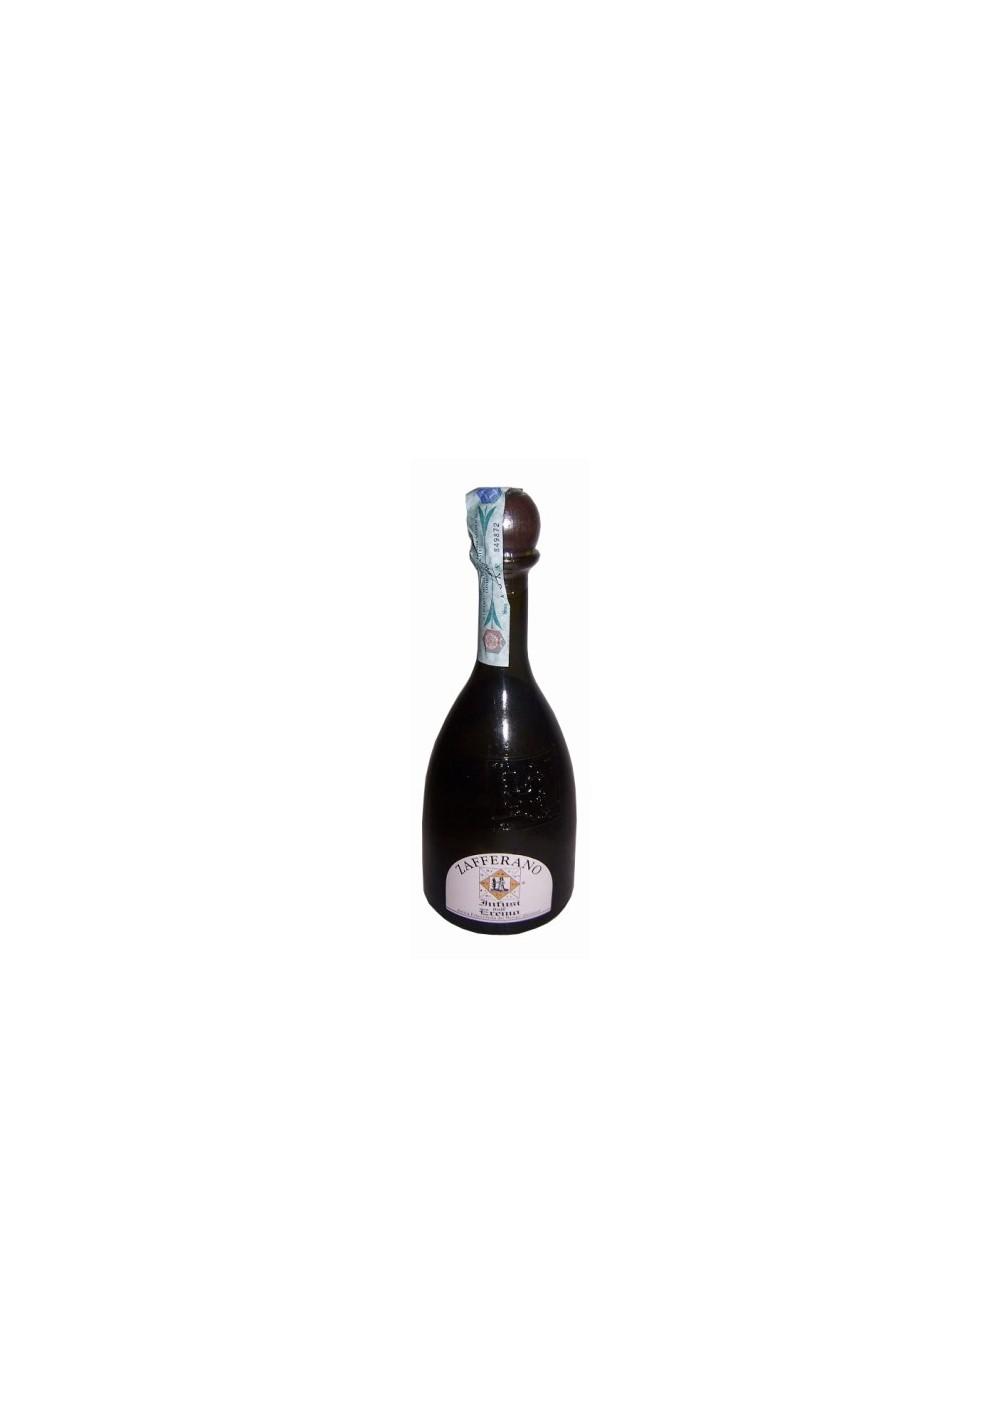 Zafferano, liquore di zafferano 70cl - Infusi dall'Eremo